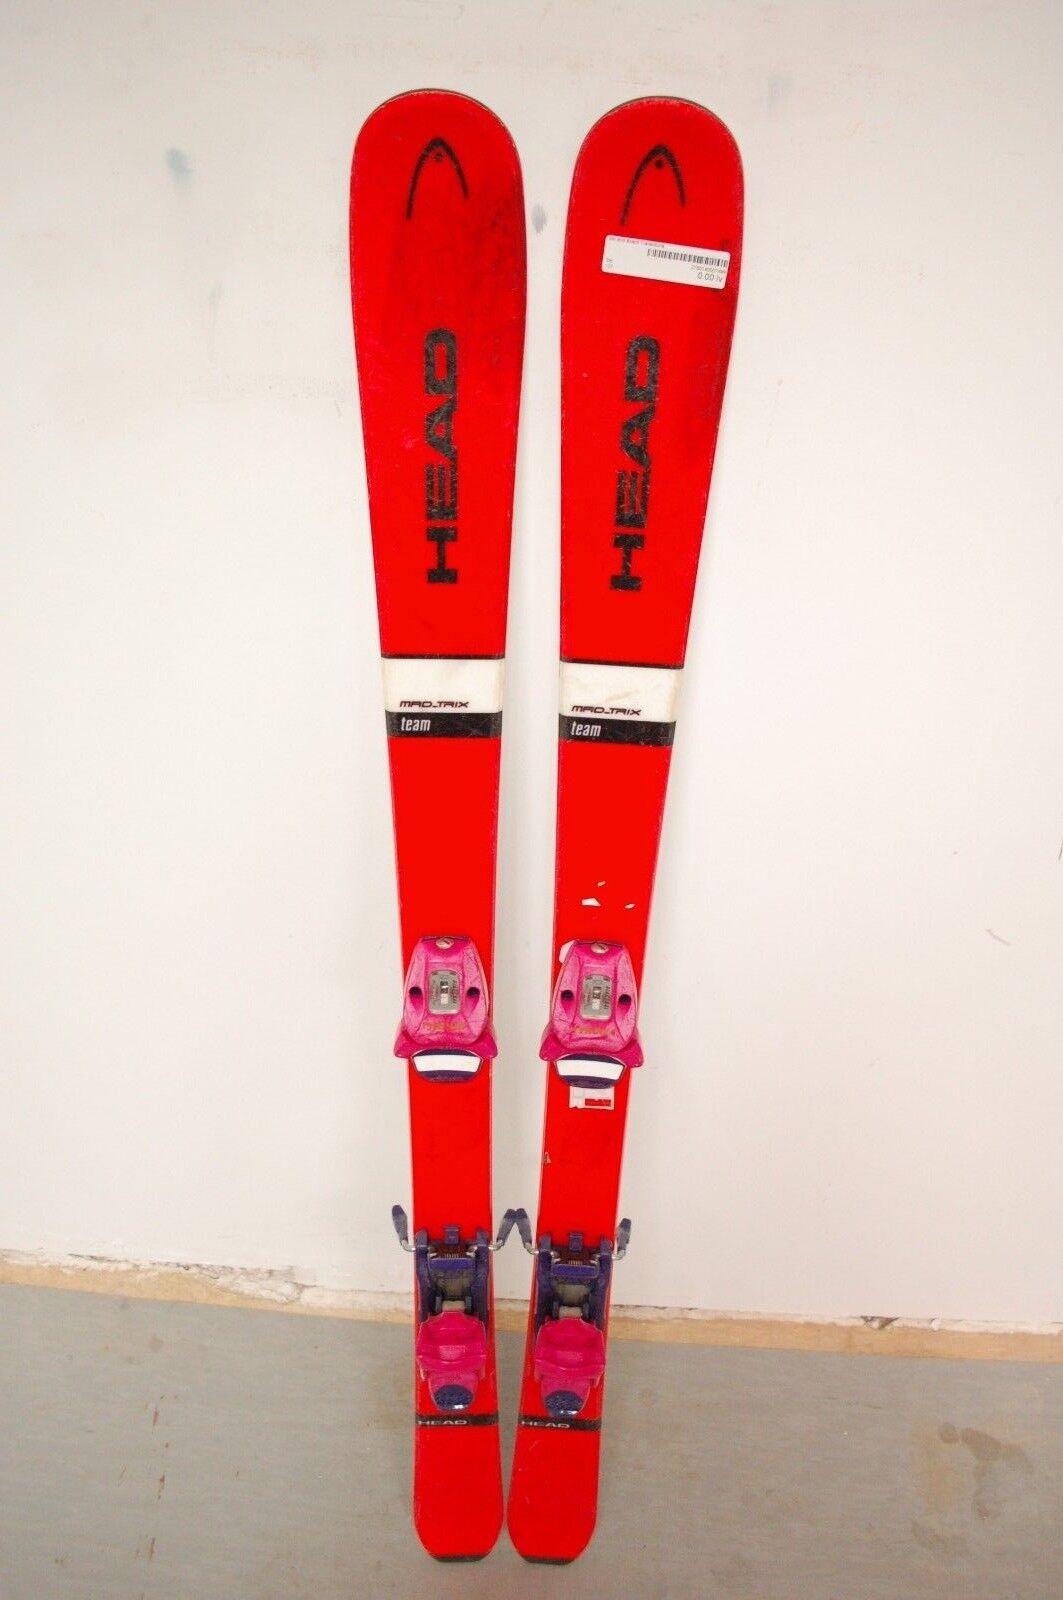 HEAD Mad Trix Trix Trix 127 cm Ski + Tyrolia 6 Bindings a90582